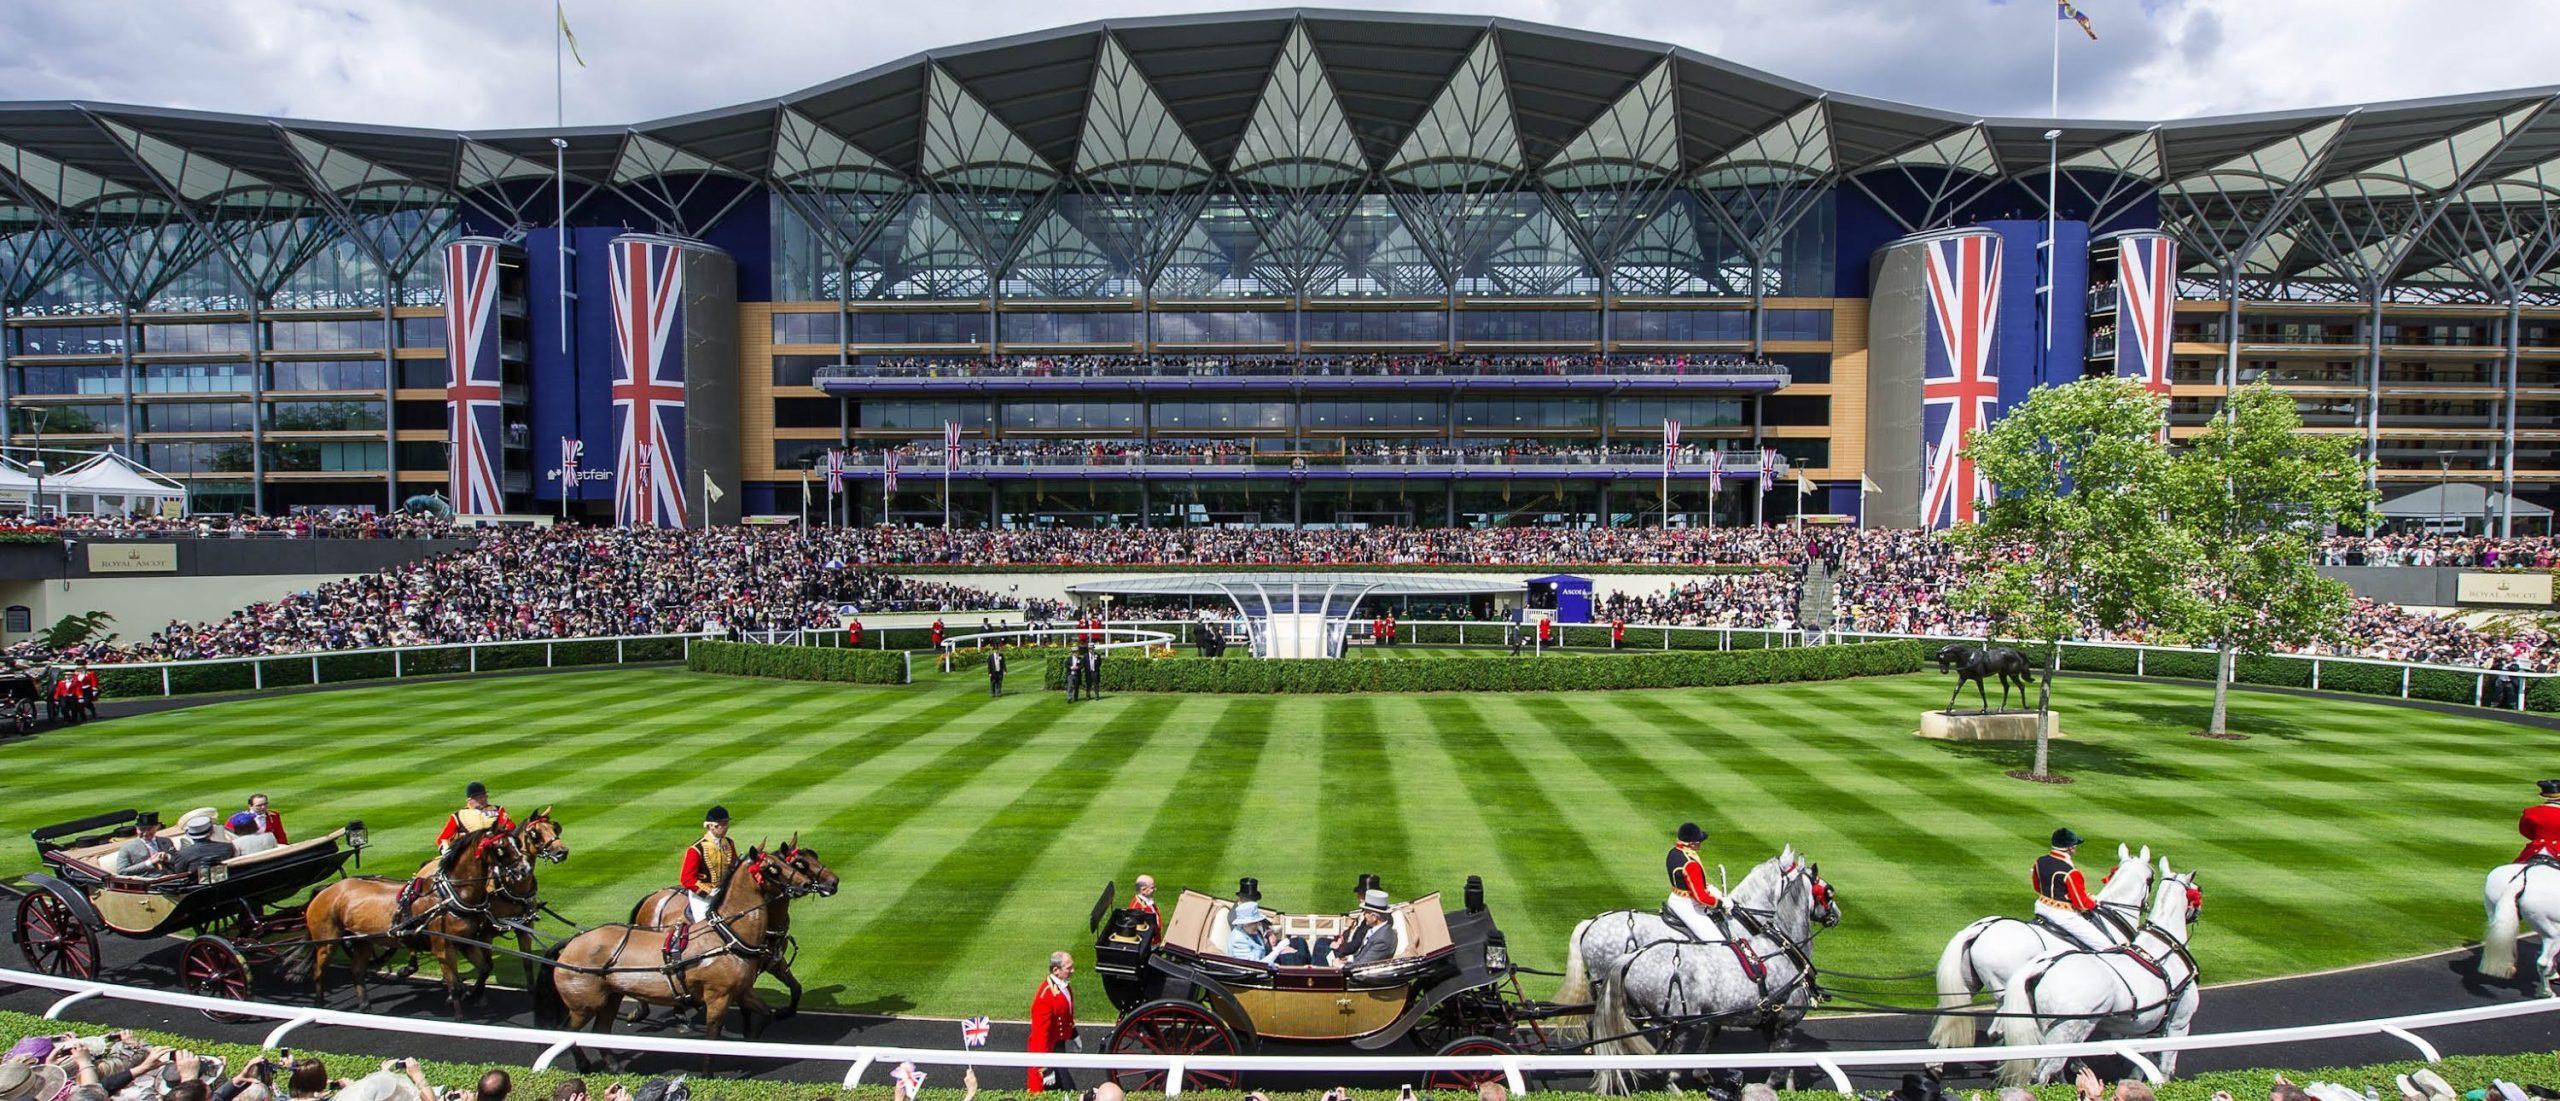 Royal Ascot Races 2021